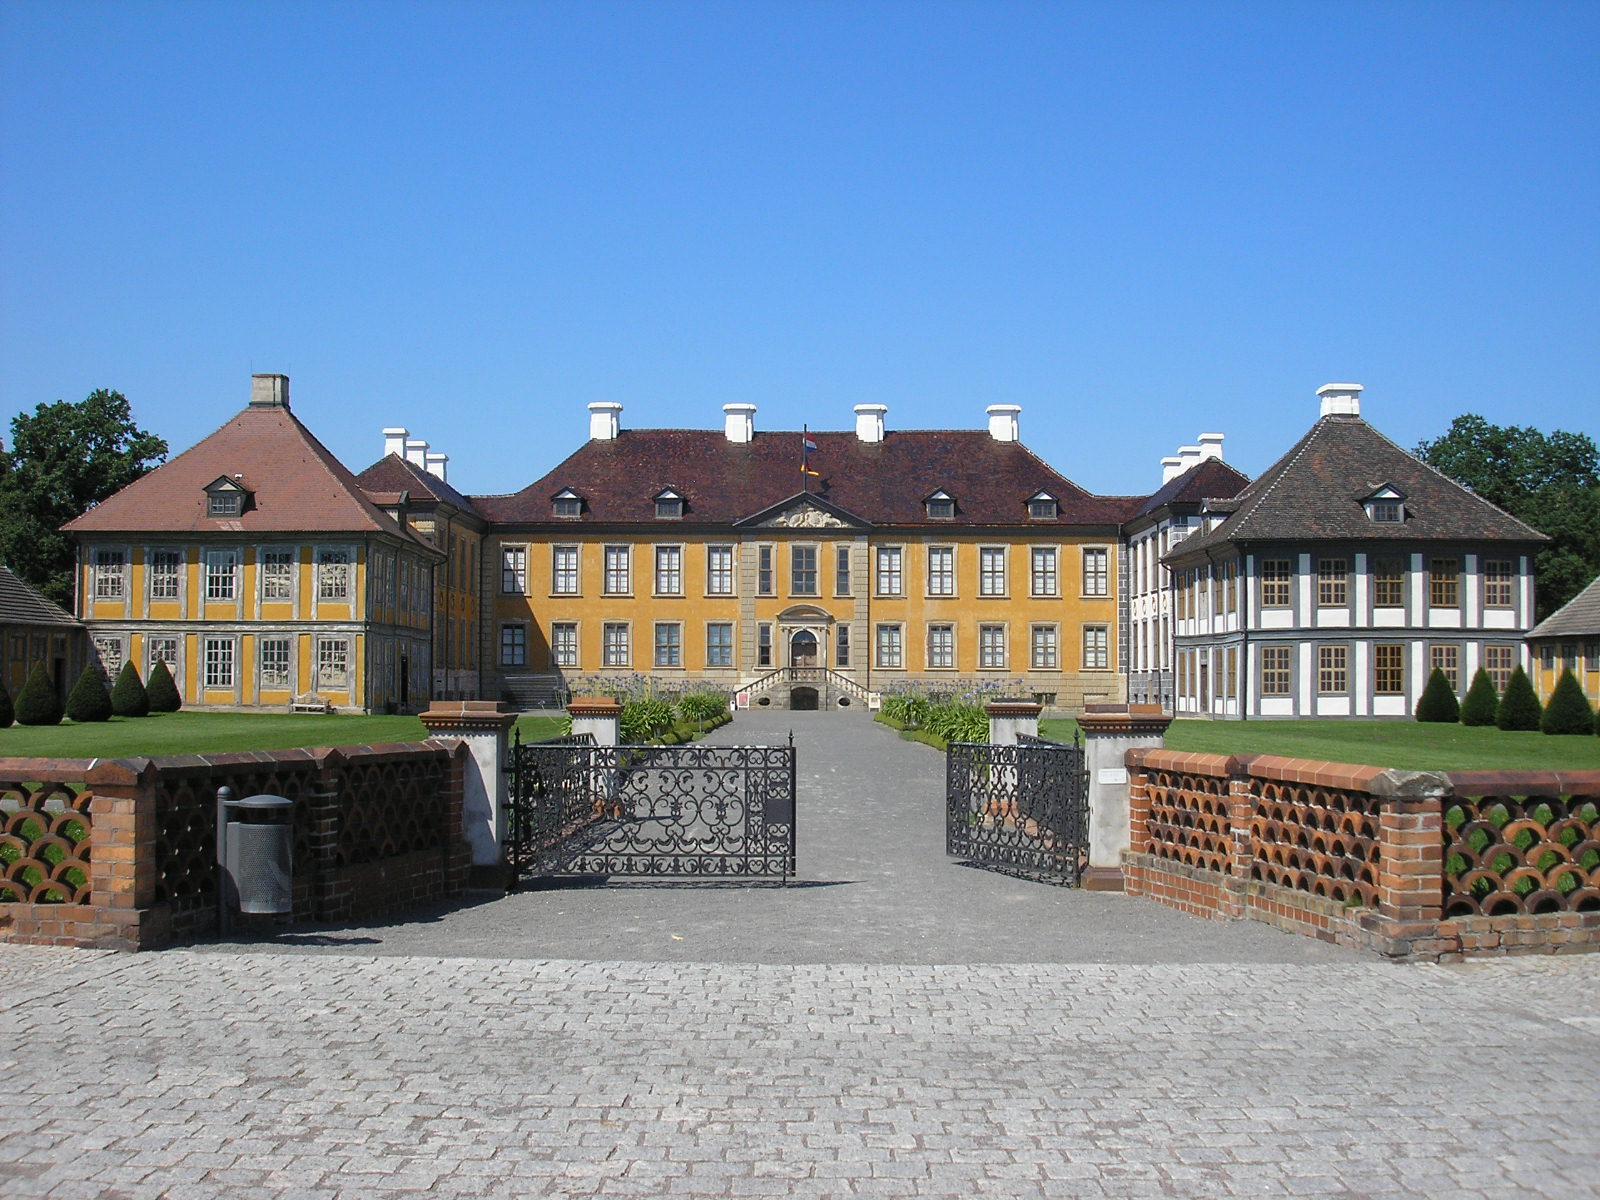 schloss_oranienbaum2 Radverleih Dübener Heide – Ferropolis, Schloss Oranienbaum